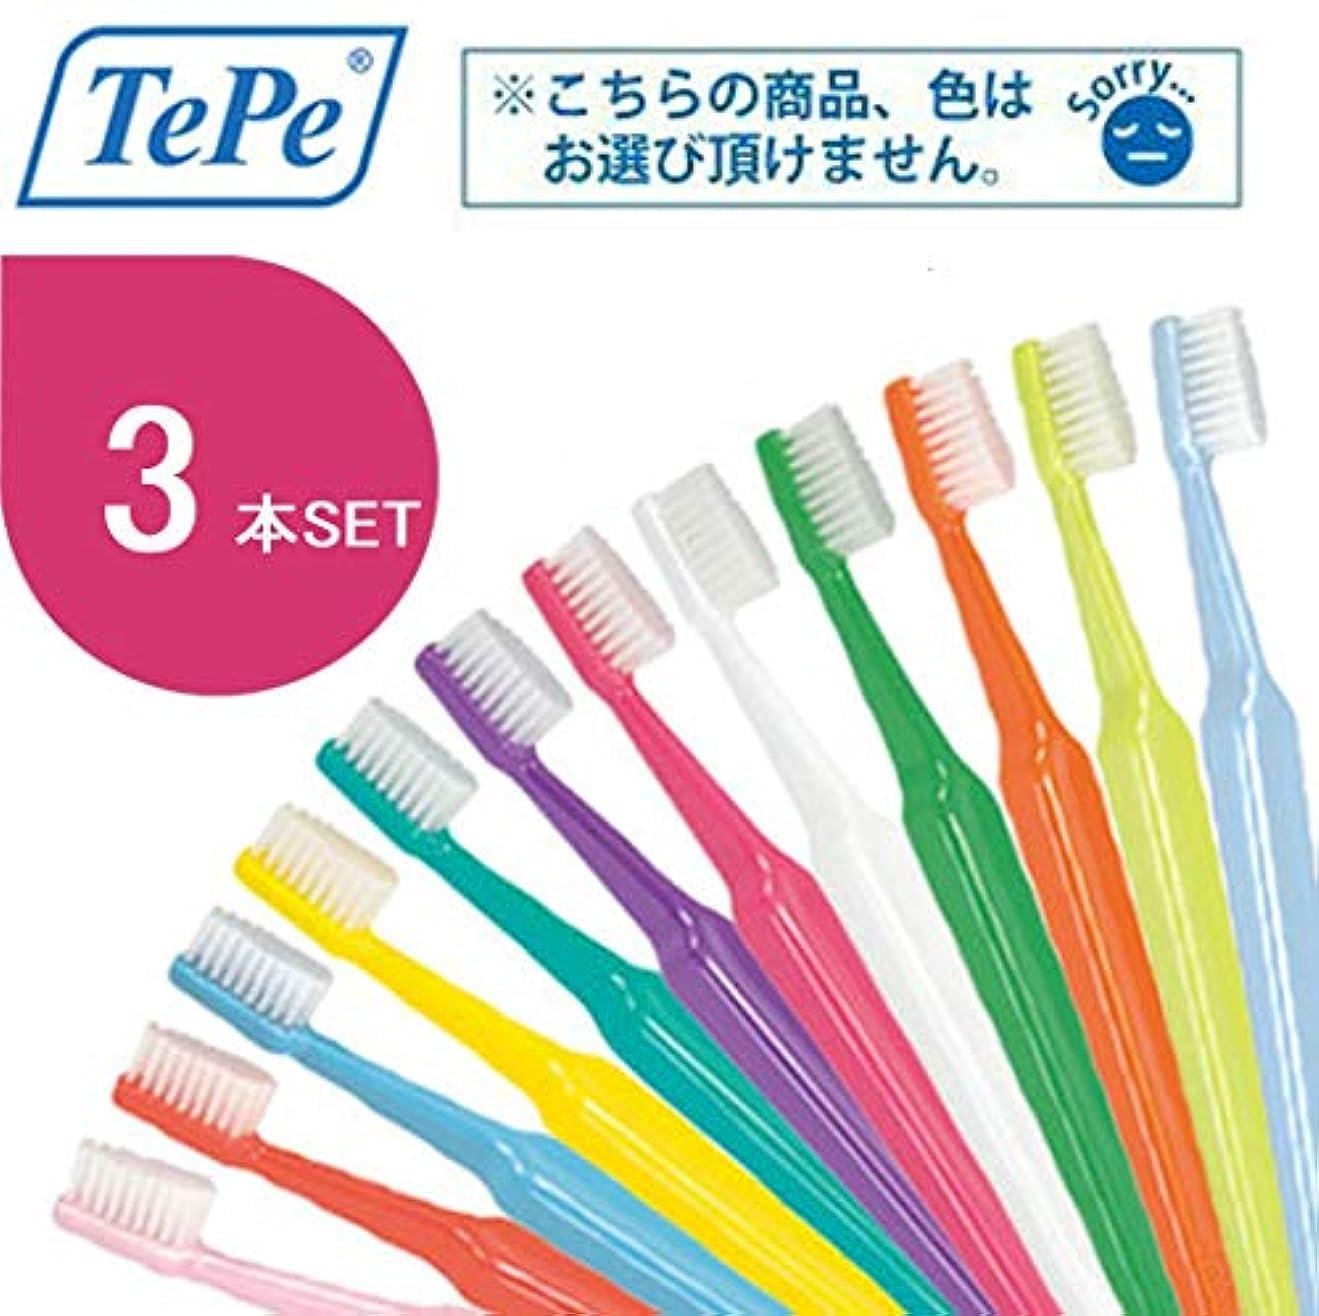 尽きる胸戸棚クロスフィールド TePe テペ セレクト 歯ブラシ 3本 (ミディアム)